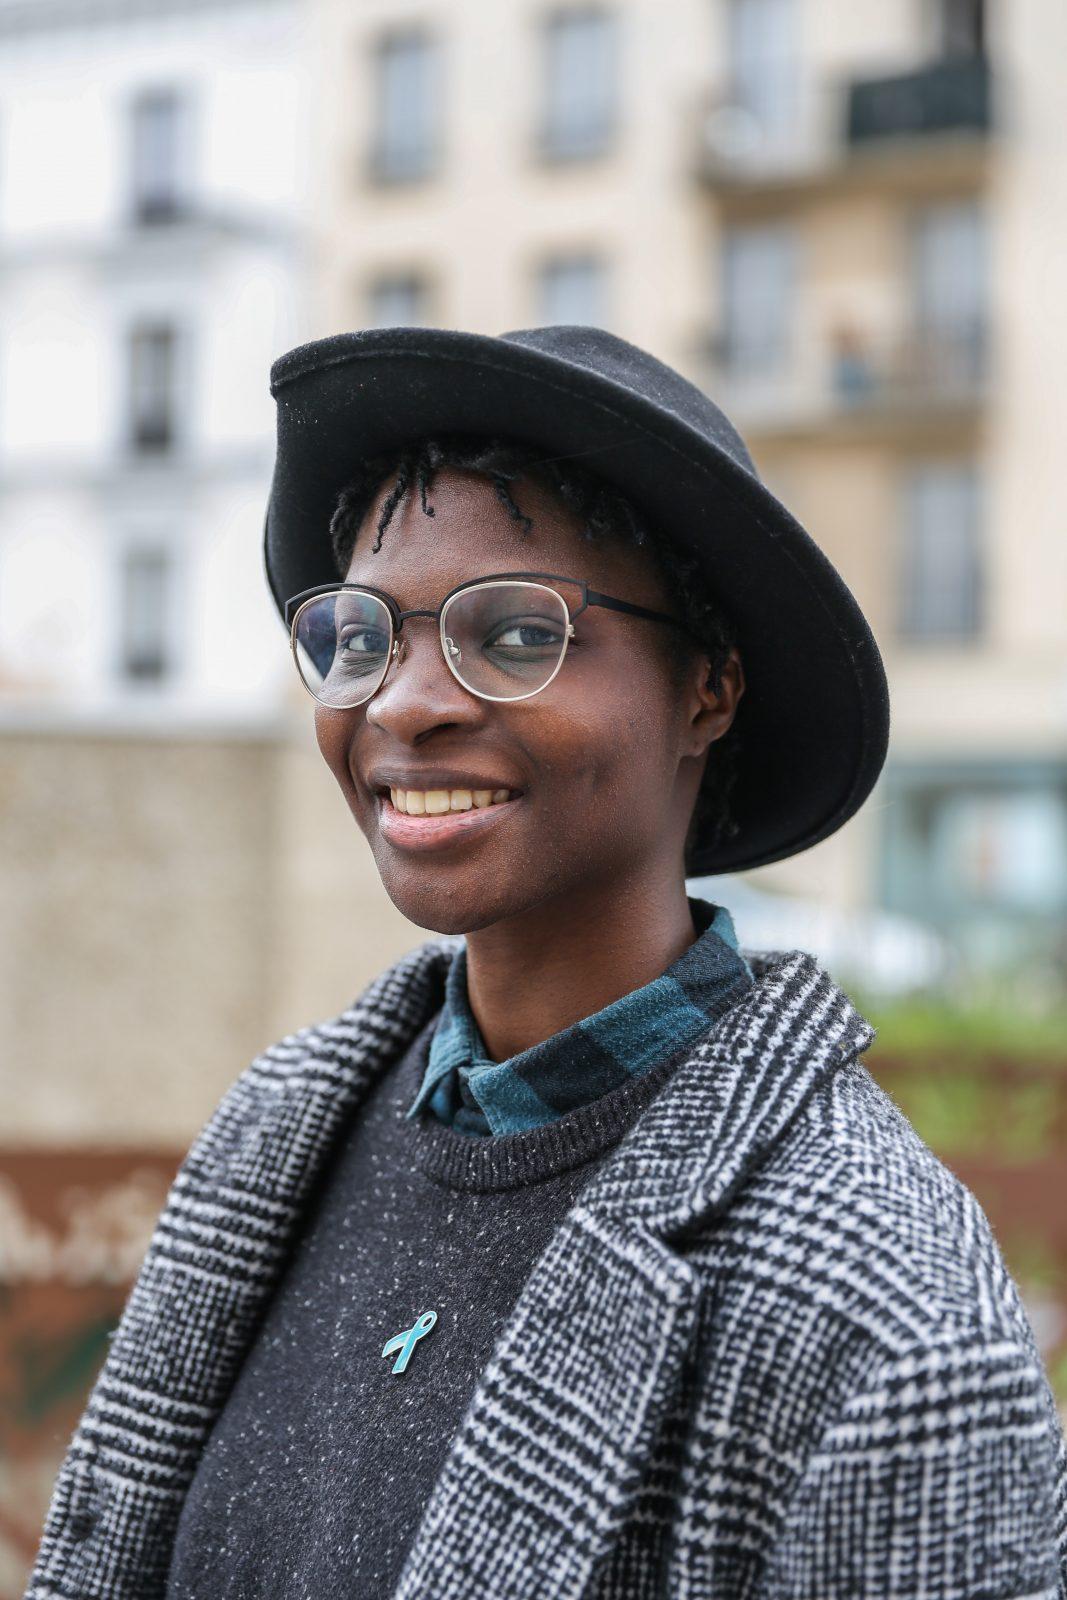 Lucie, participante de la Marche des Fiertés de St Denis le 09/06/2019 - Teresa Suarez / Komitid